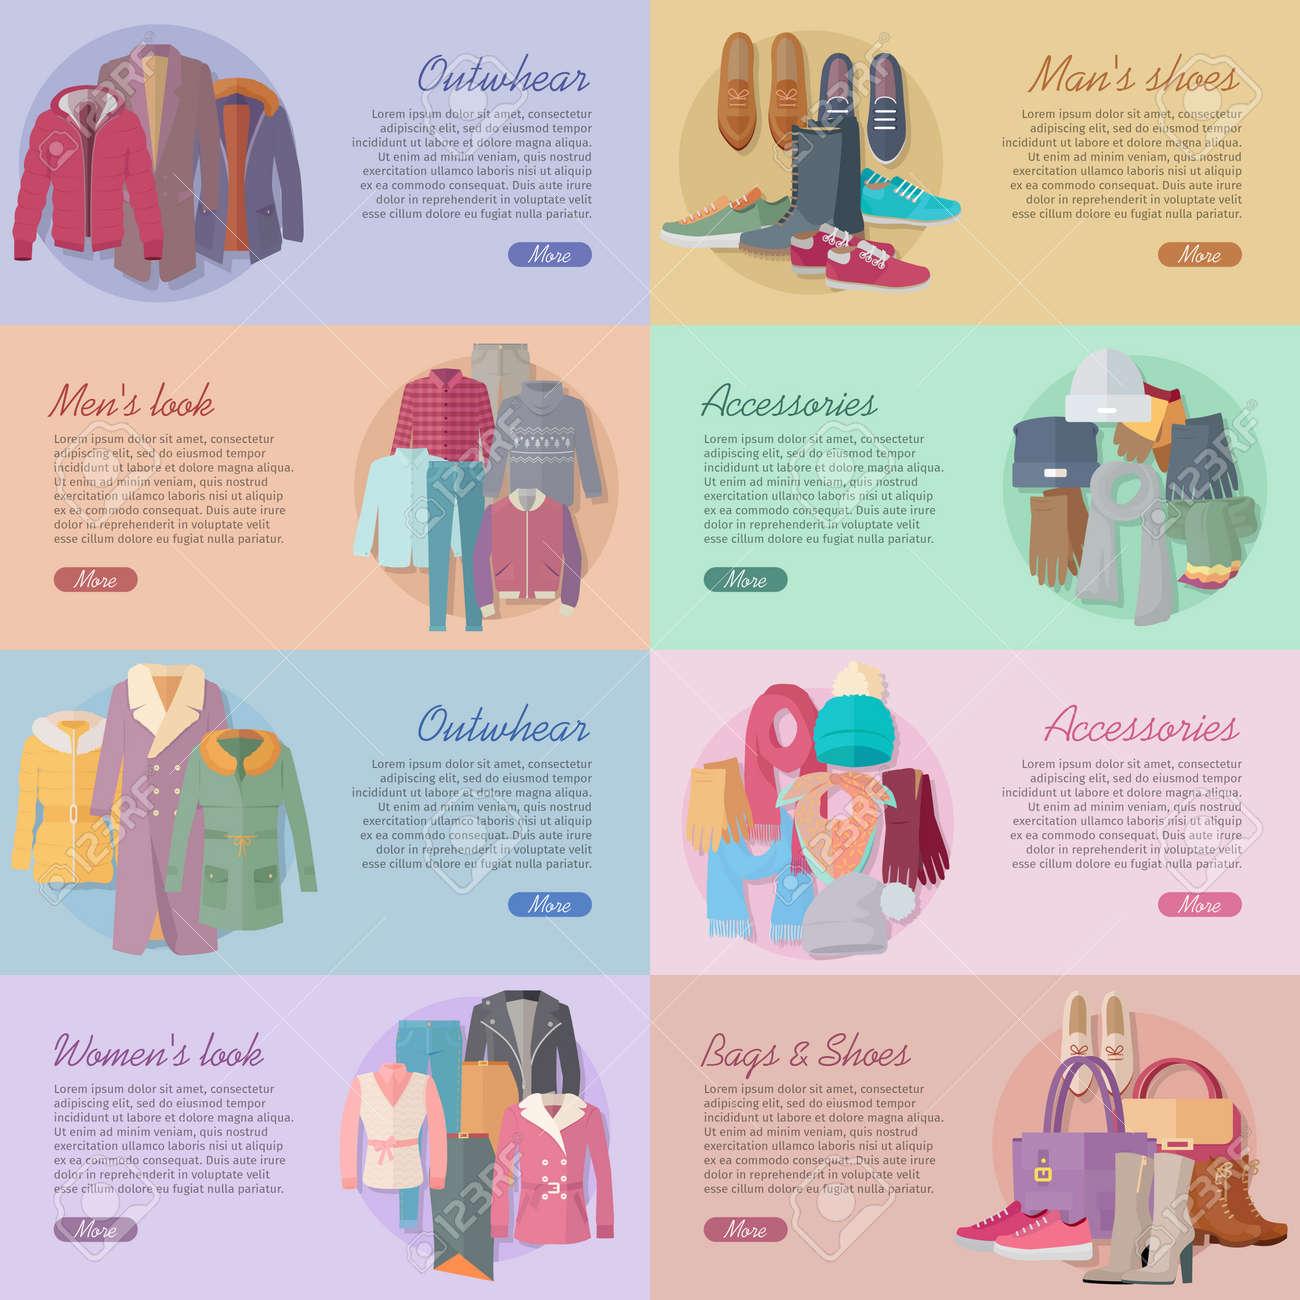 conjunto de banderas de la tela vector de la moda diseo plano outwear